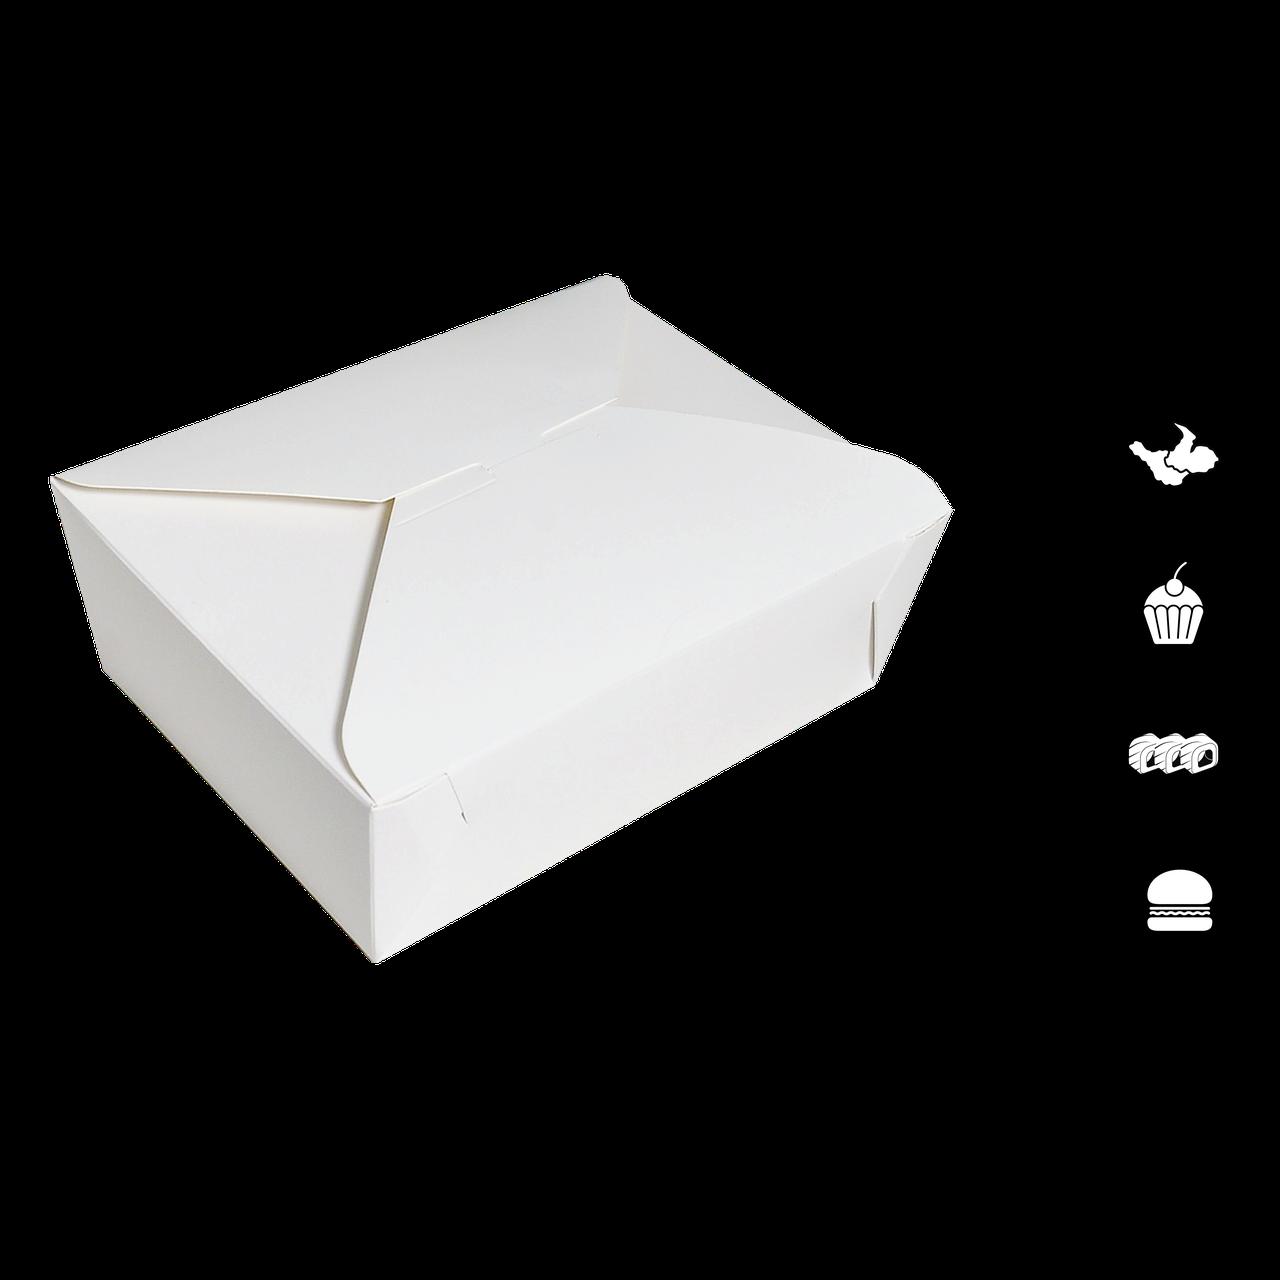 Упаковка (вторые блюда) ЛА 0200 белая 100*90*60мм (уп/25шт)